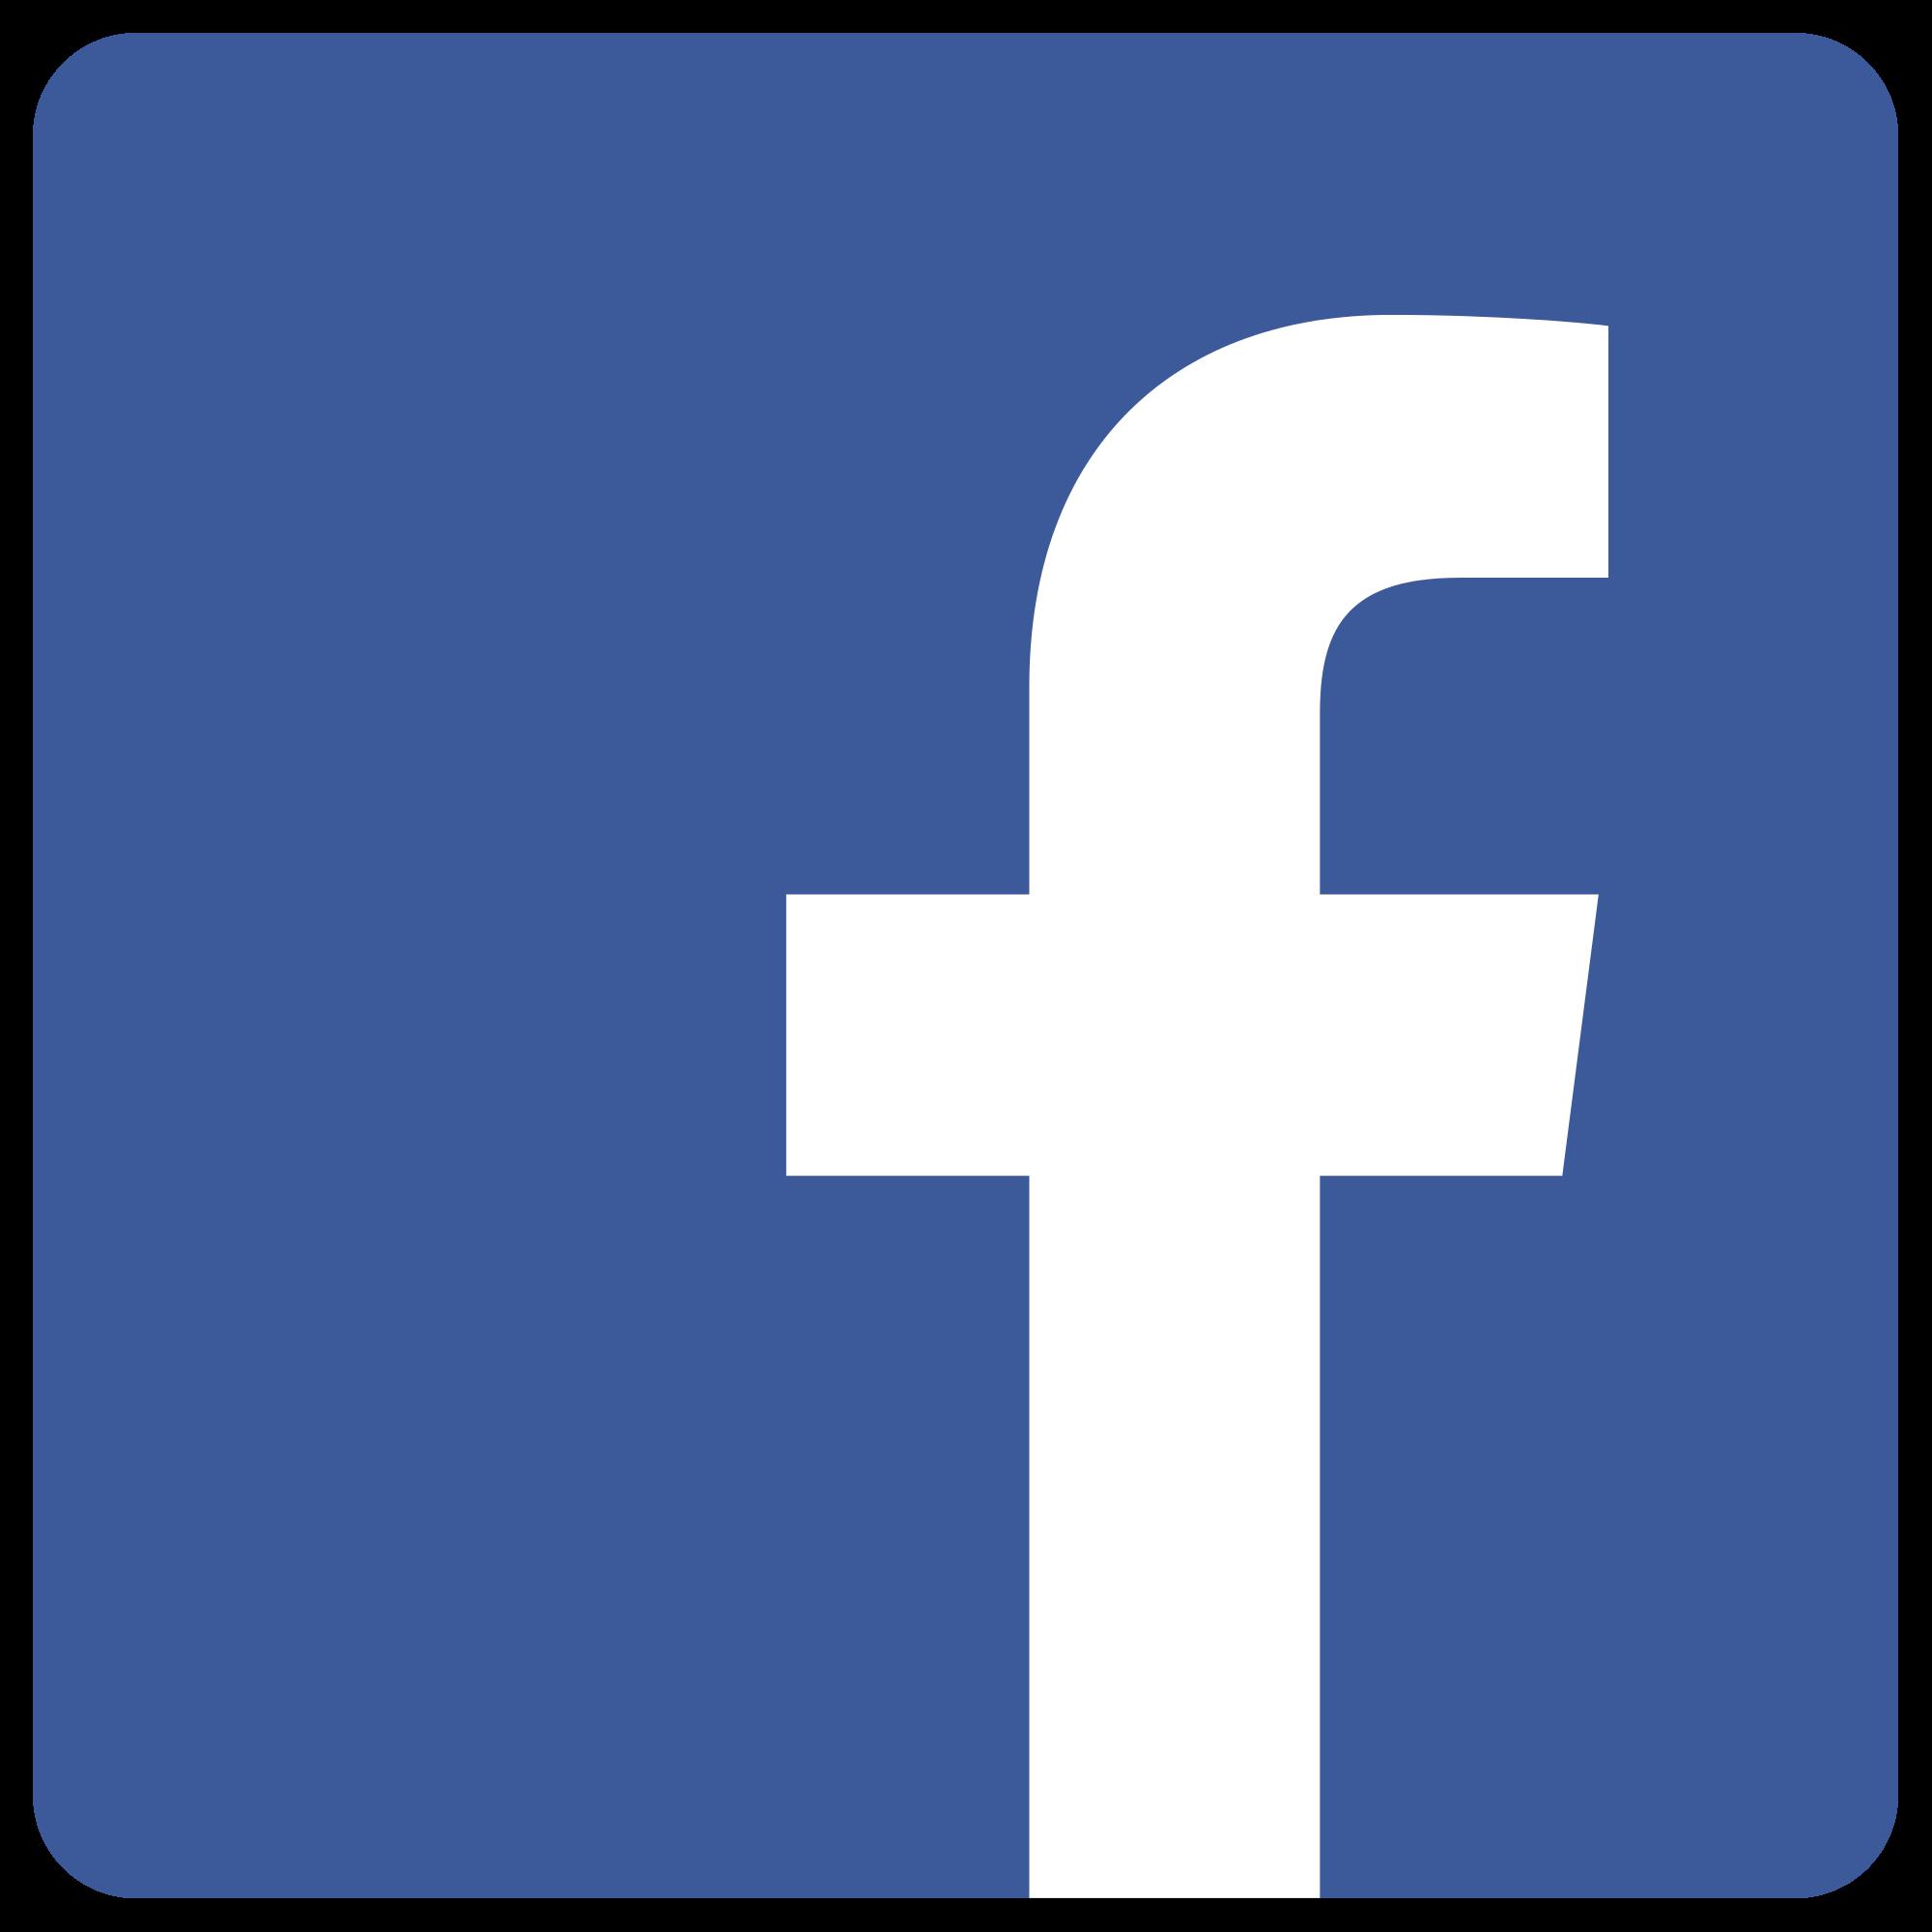 Kleinboote bei Facebook.